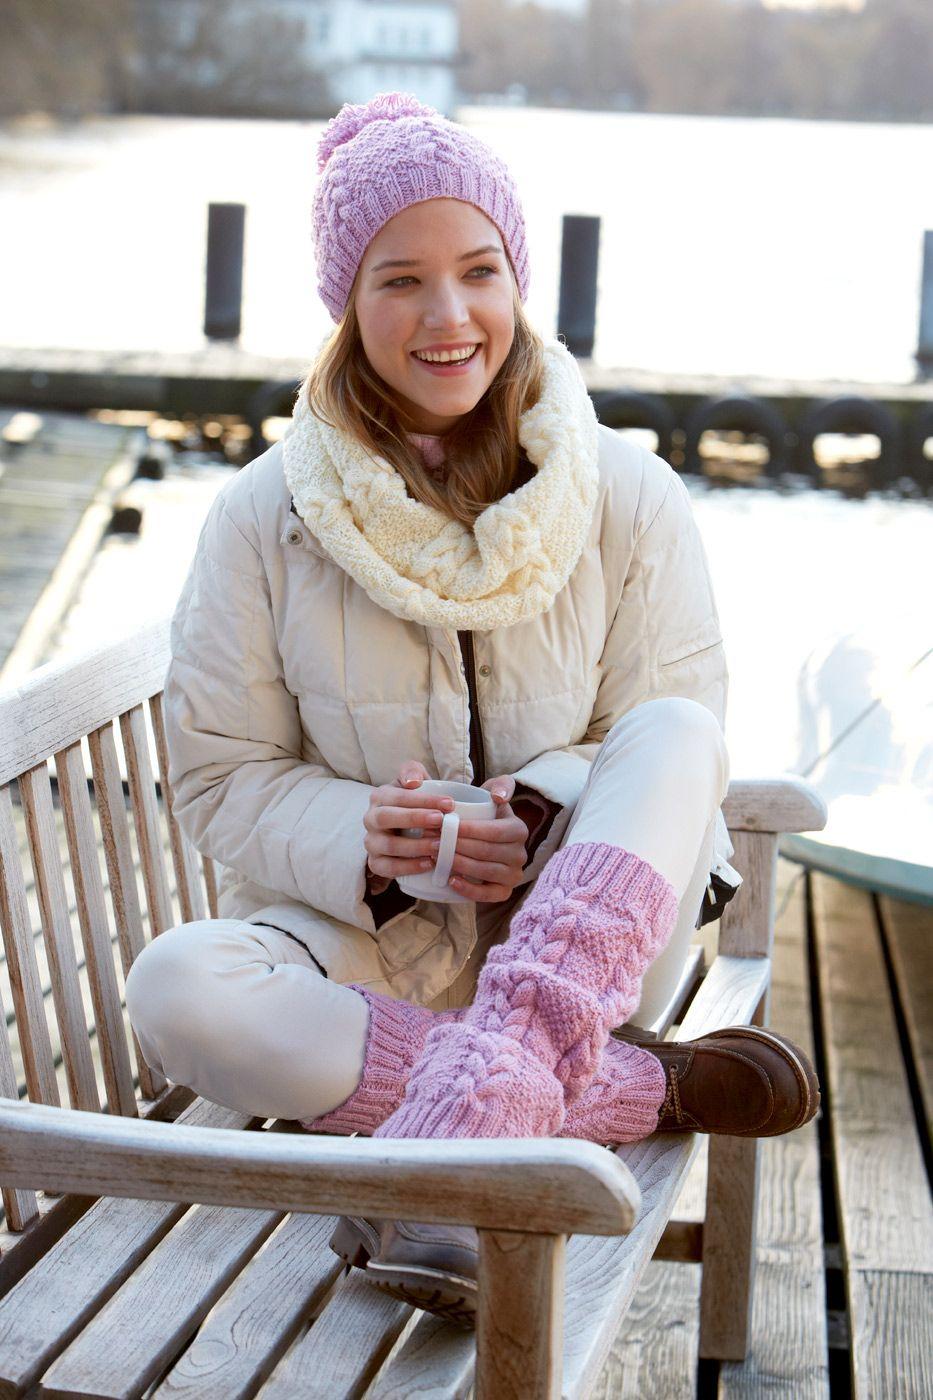 """Beinstulpen sind überaus nützlich, um zu vermeiden, dass Schnee von oben in die Schuhe gerät. Darüber hinaus sind sie aber auch ein trendiges Modeaccessoire. So wie dieses Paar aus Schachenmayr Regia 6-fädig """"Winter Sorbet"""". Dank der zarten Farbe wirkt das Zopfmuster plastisch und ungemein attraktiv. Größe: Umfang ca. 35 cm, Länge ca. 40 cm. Material: Schachenmayr Regia Winter Sorbet 6-fädig, …"""